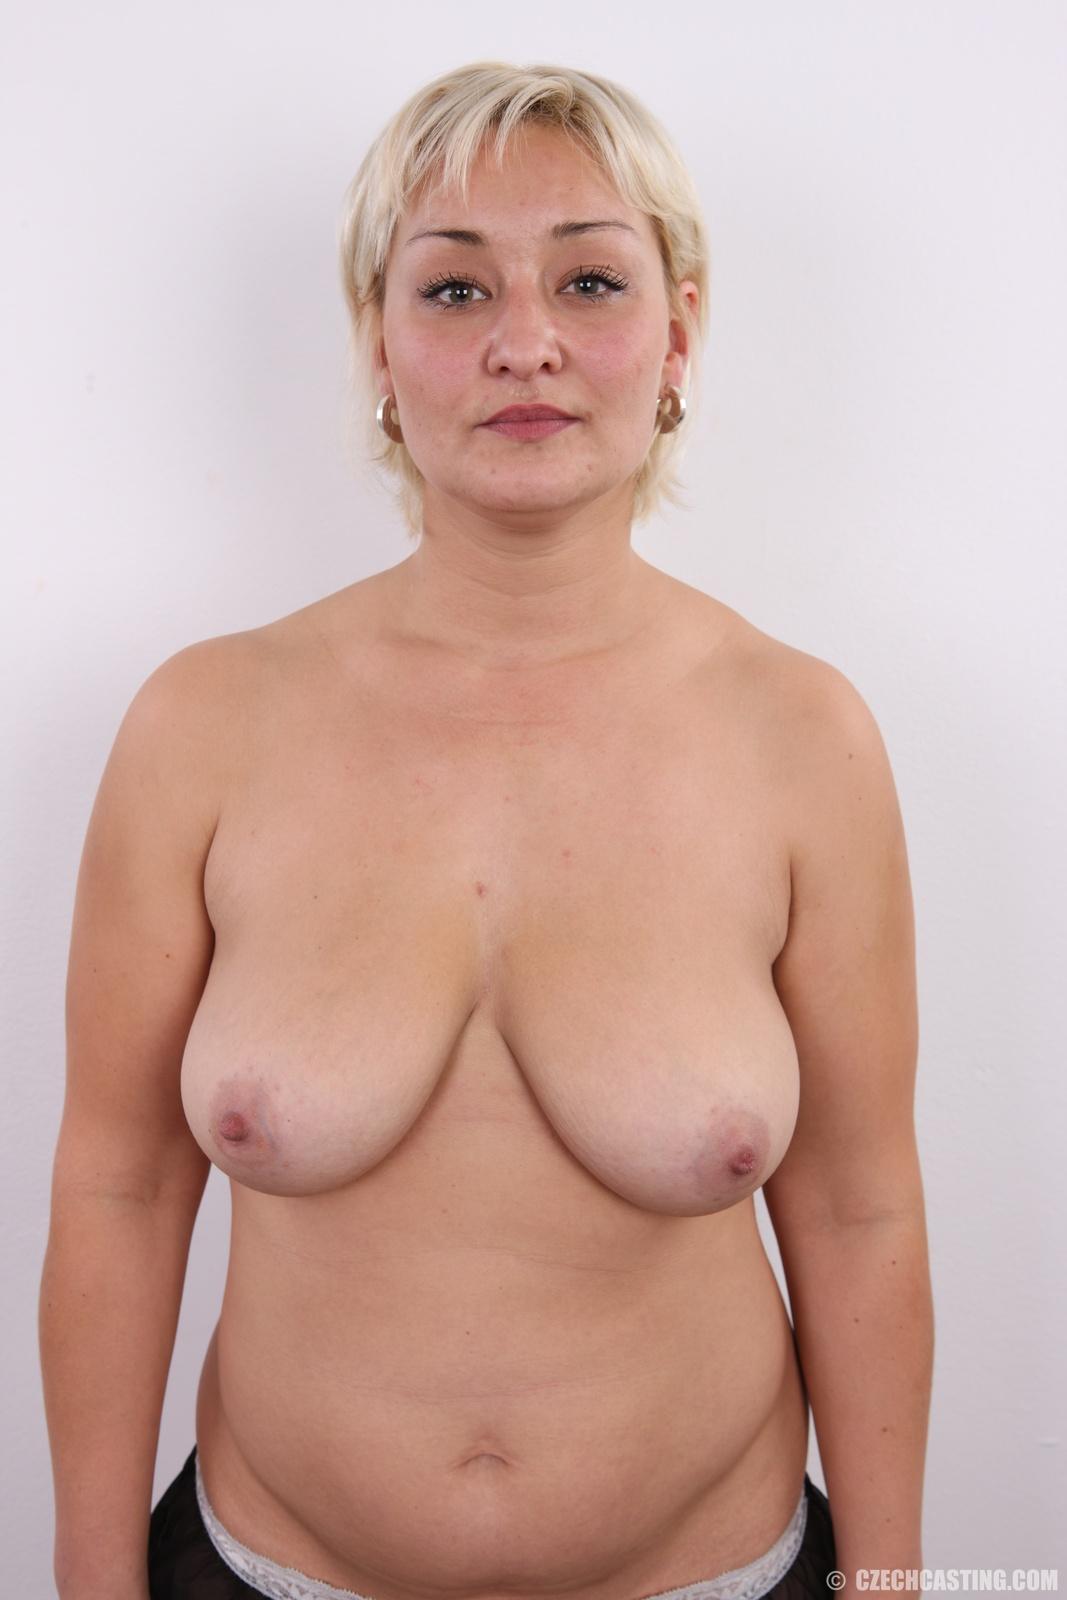 Deana huge toy porn wichita